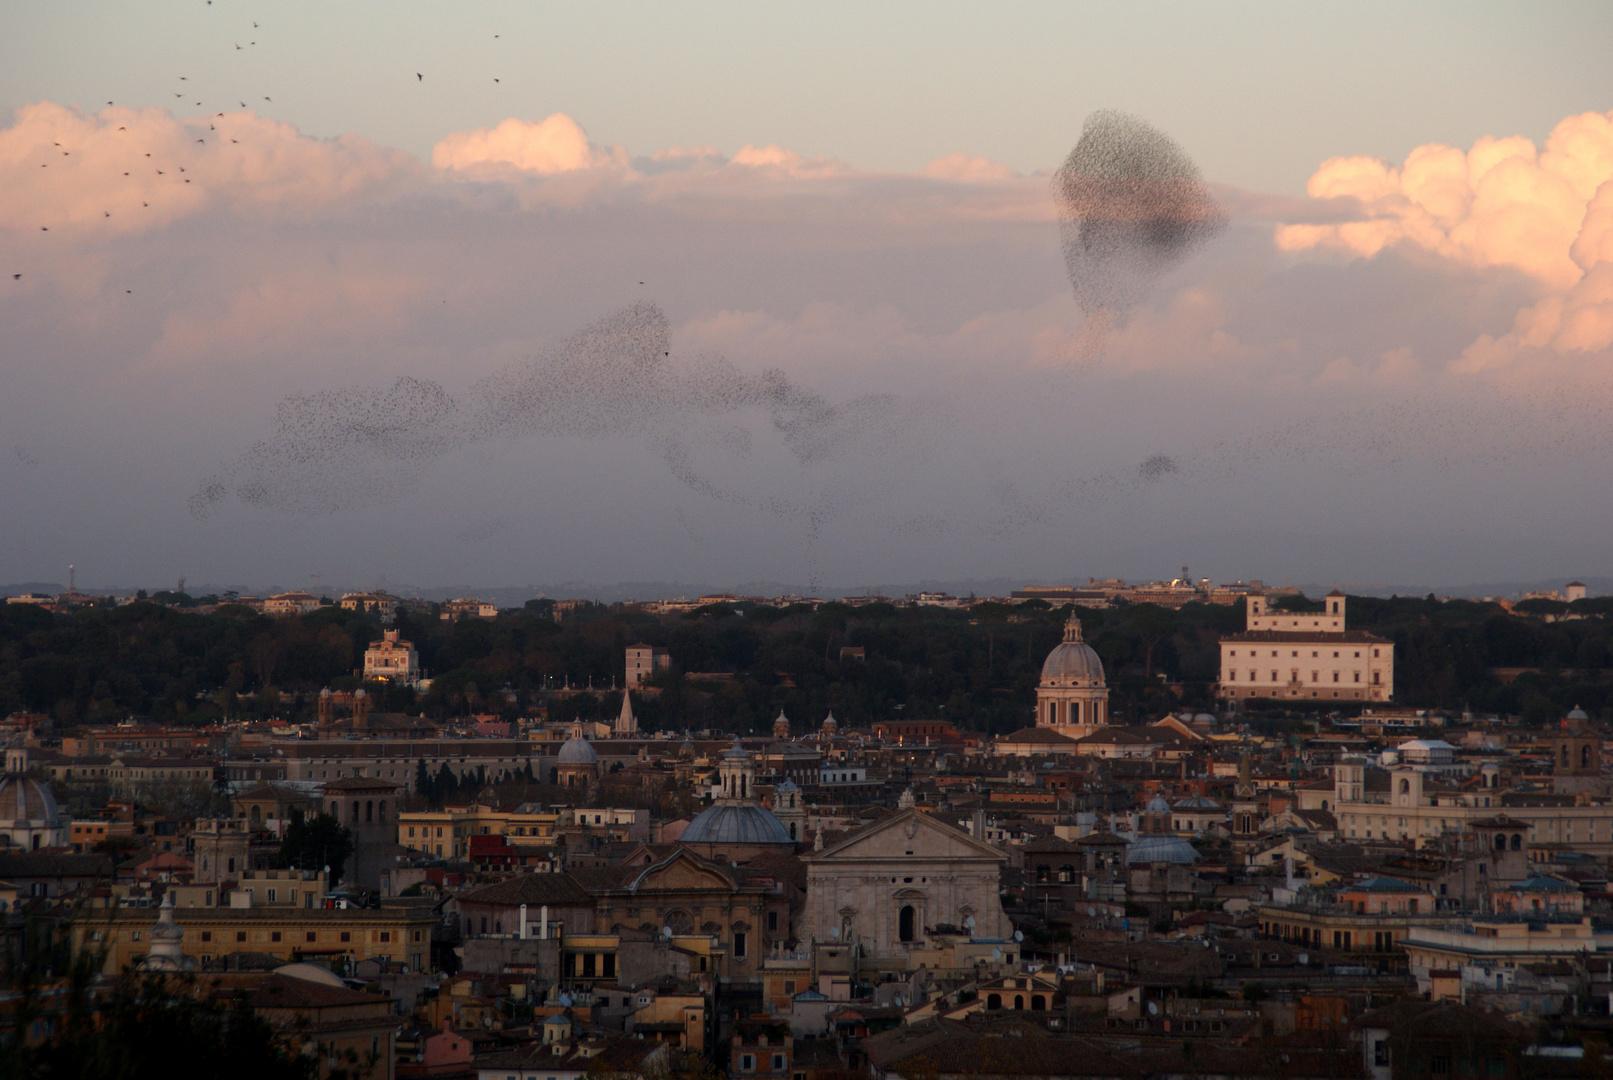 Weihnachten in Rom (6) - Himmelsfiguren